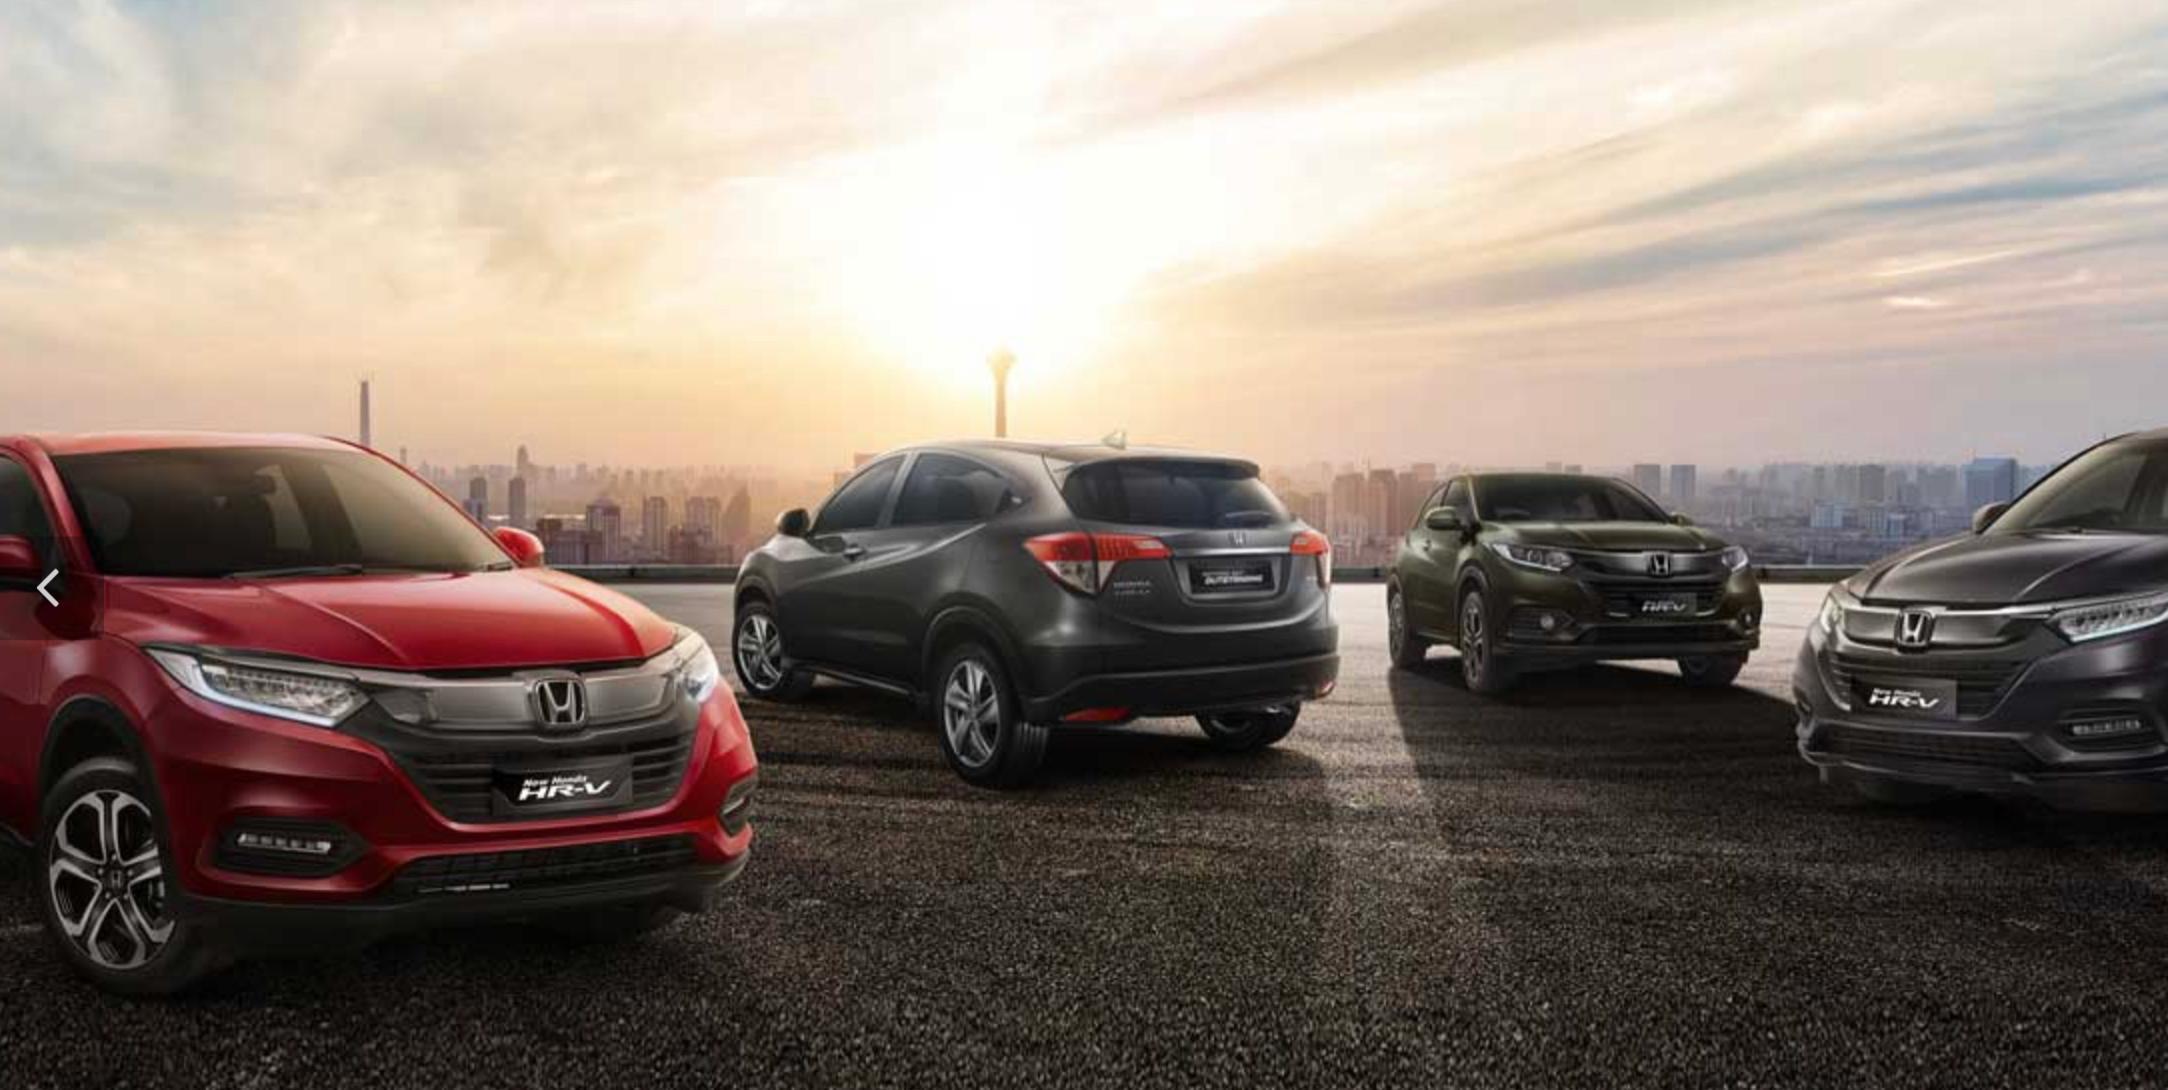 Kelebihan Kekurangan Harga Mobil Hrv Review